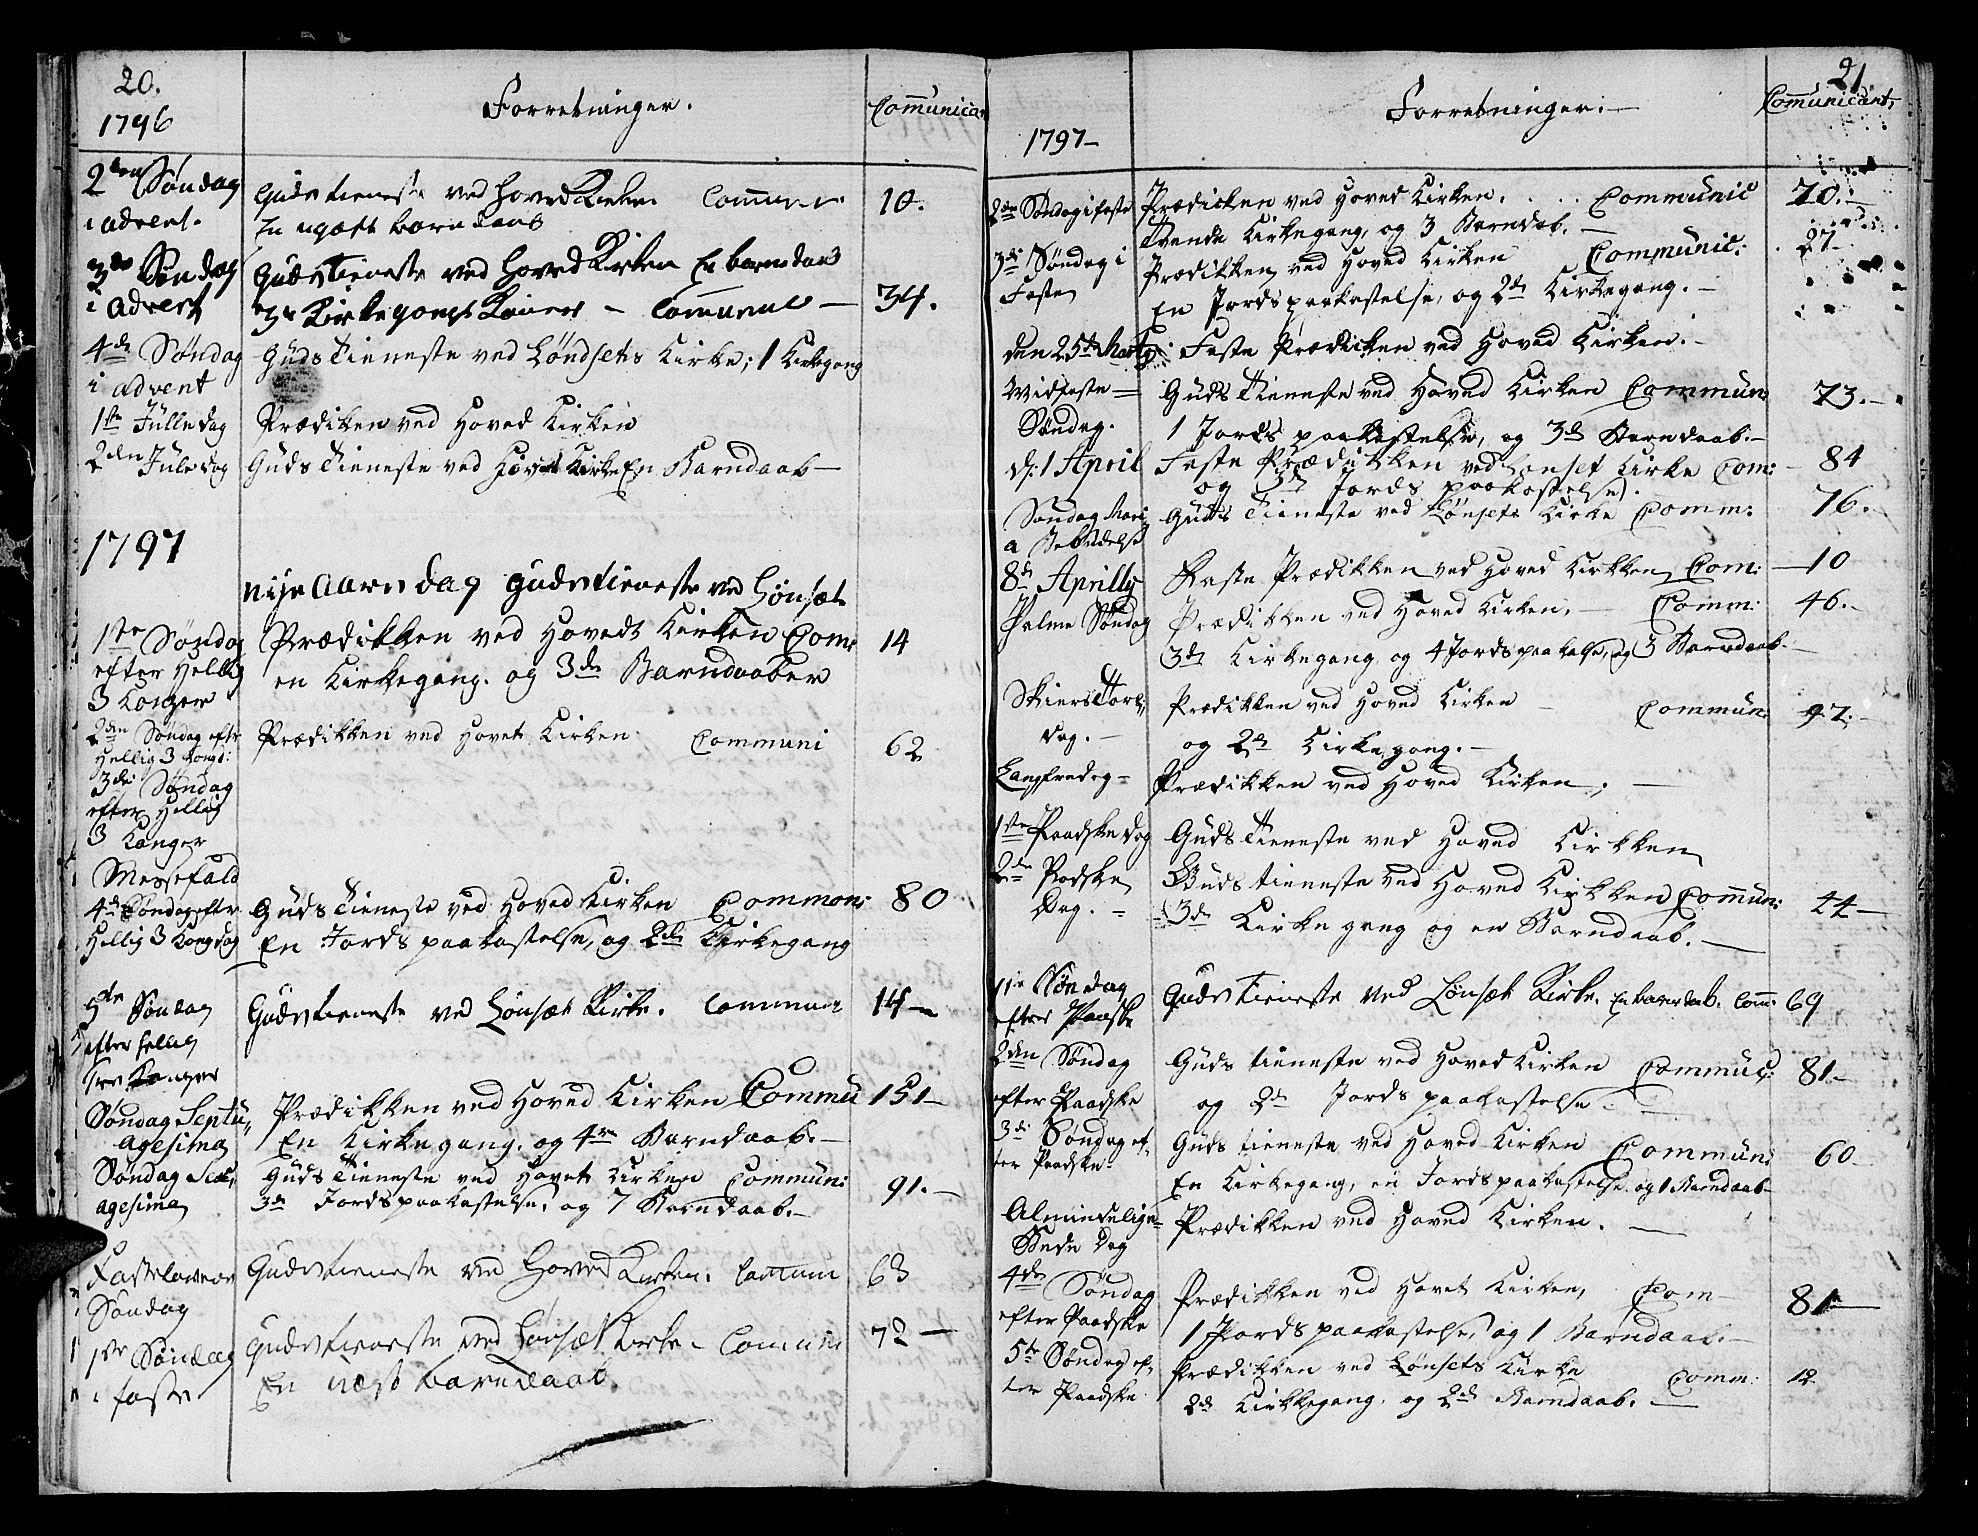 SAT, Ministerialprotokoller, klokkerbøker og fødselsregistre - Sør-Trøndelag, 678/L0893: Ministerialbok nr. 678A03, 1792-1805, s. 20-21